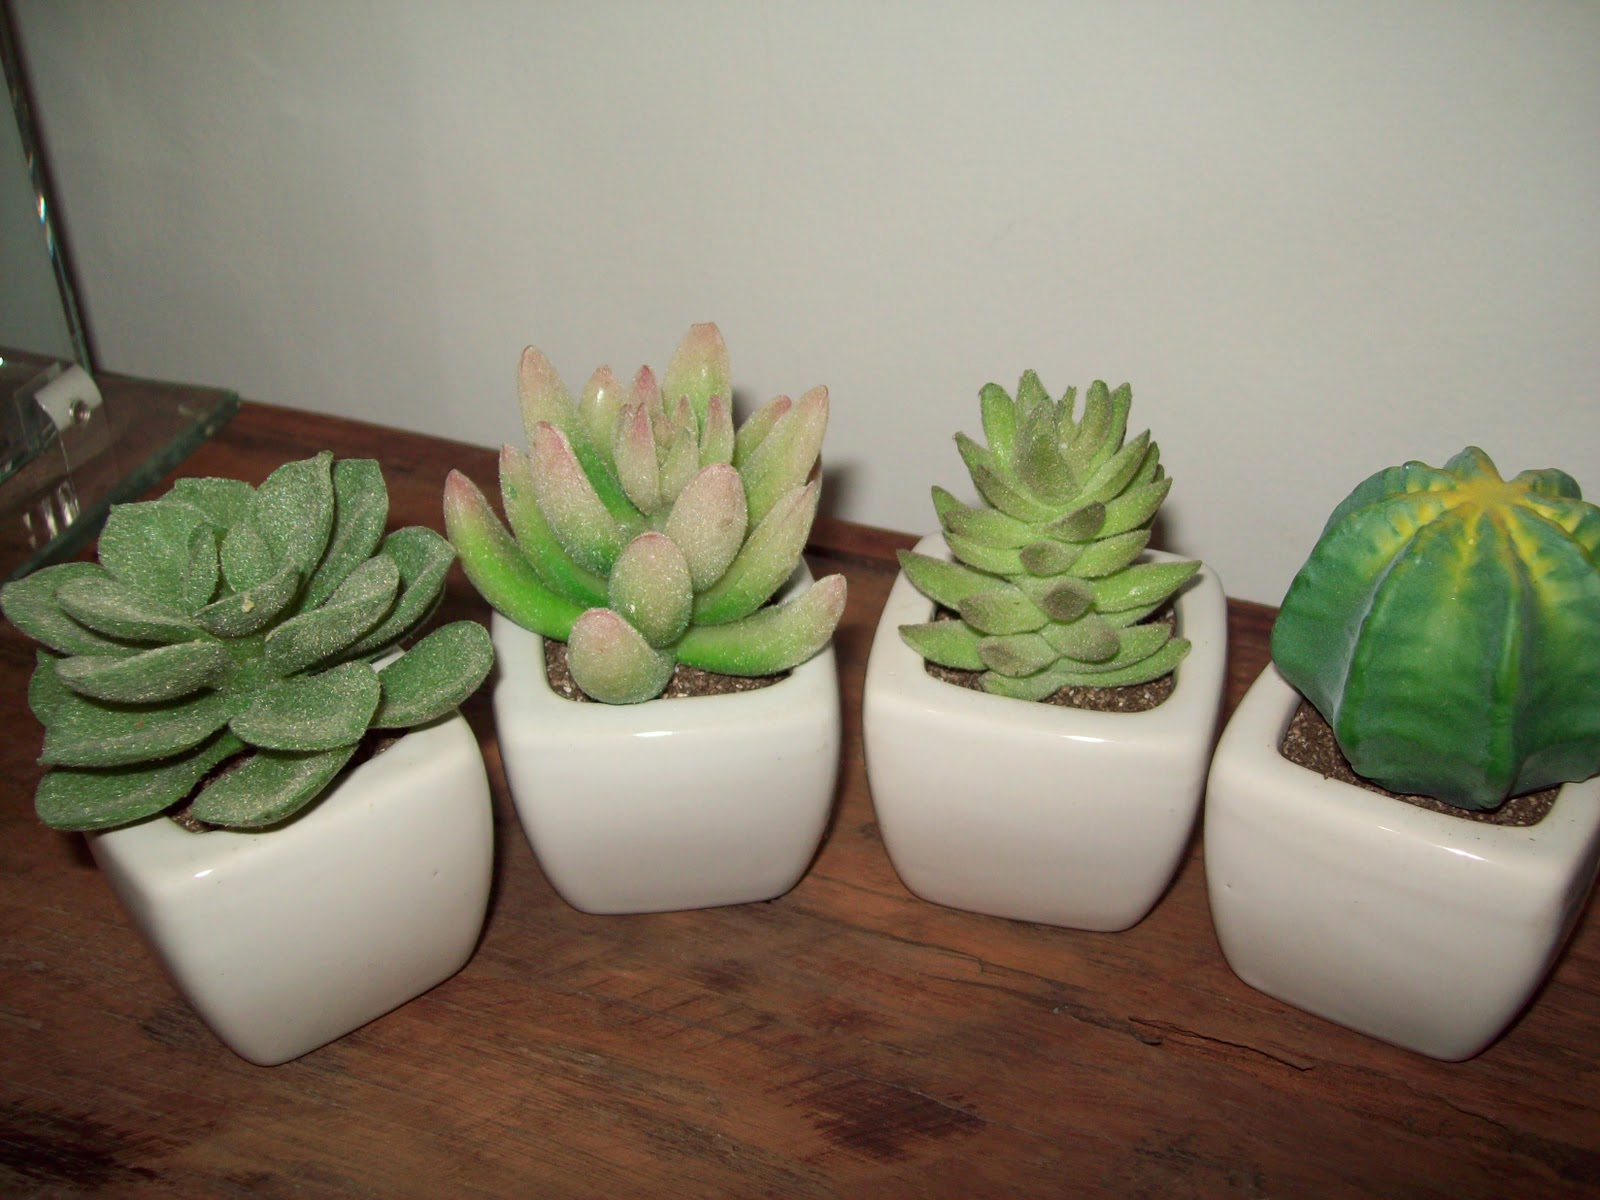 mini jardim cactos suculentas : mini jardim cactos suculentas:Para quem gosta de plantas dentro de casa, mas não consegue mantê